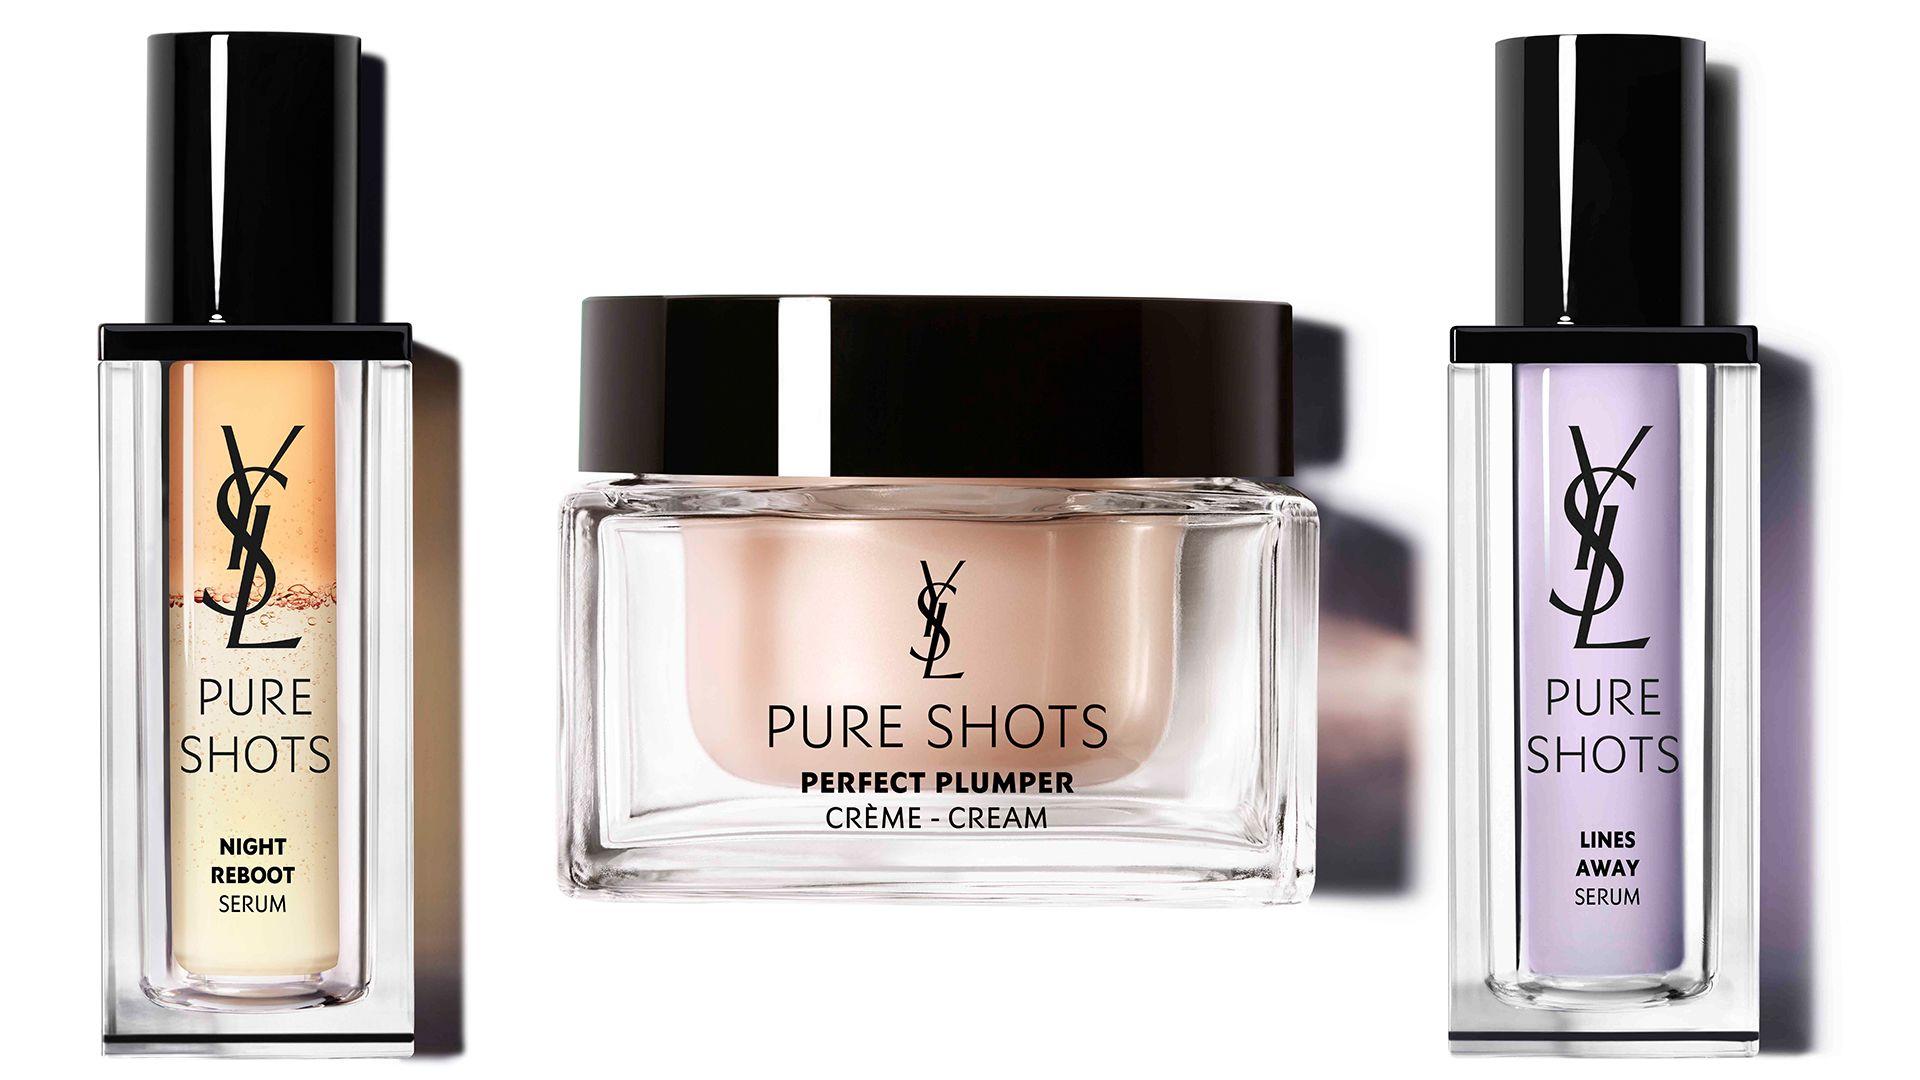 Yves Saint Laurent – Pure Shots termékcsalád